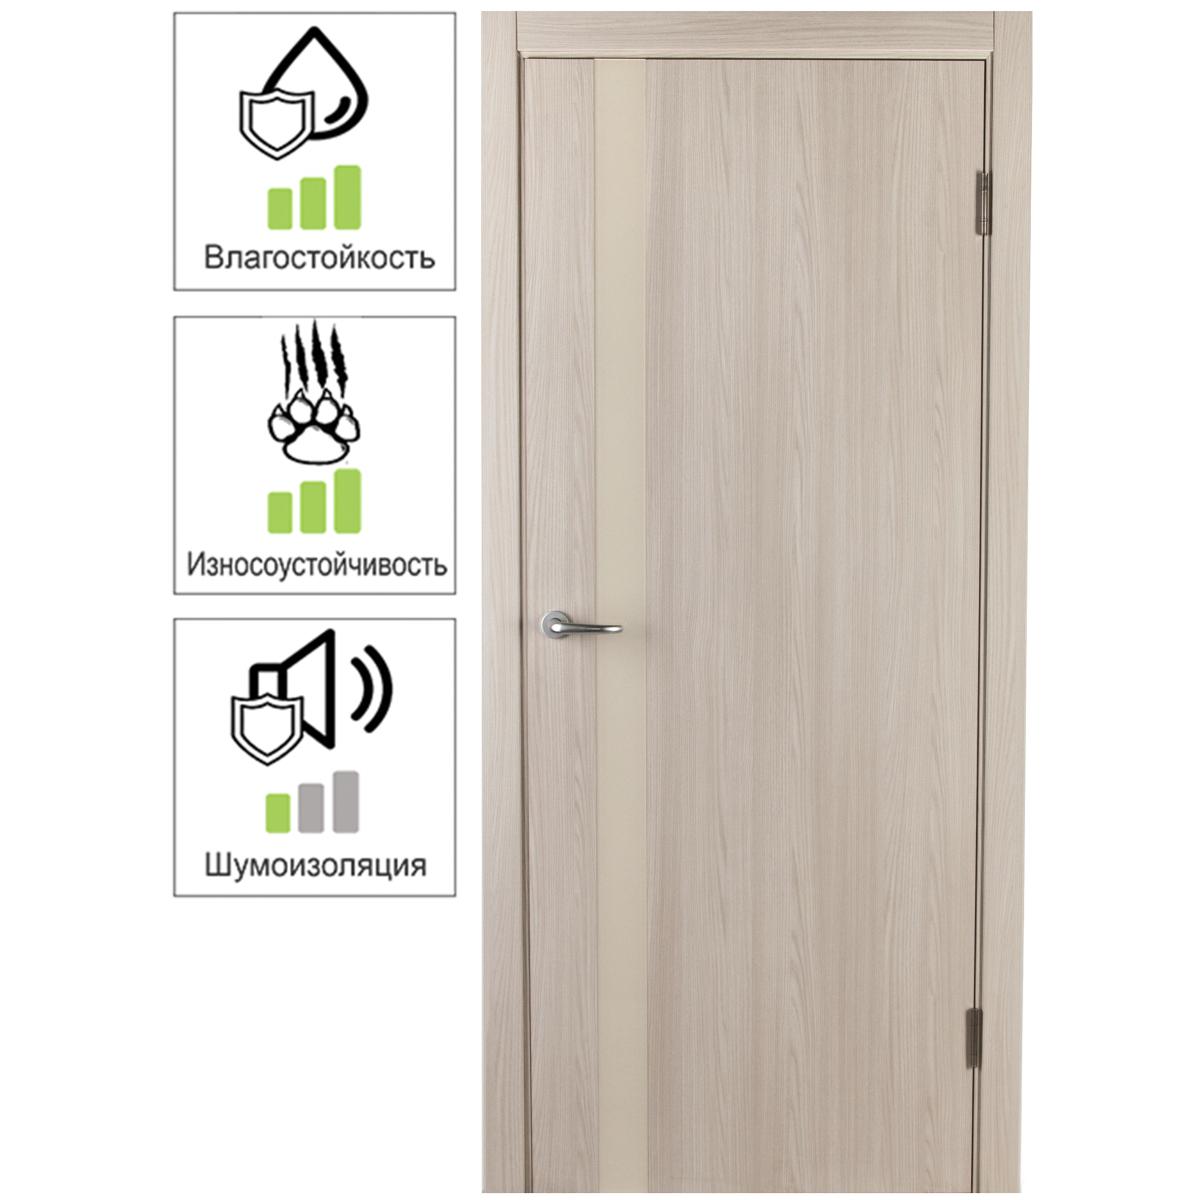 Дверь межкомнатная глухая с замком и петлями в комплекте Мирра 60x200 см Hardflex цвет ясень бора